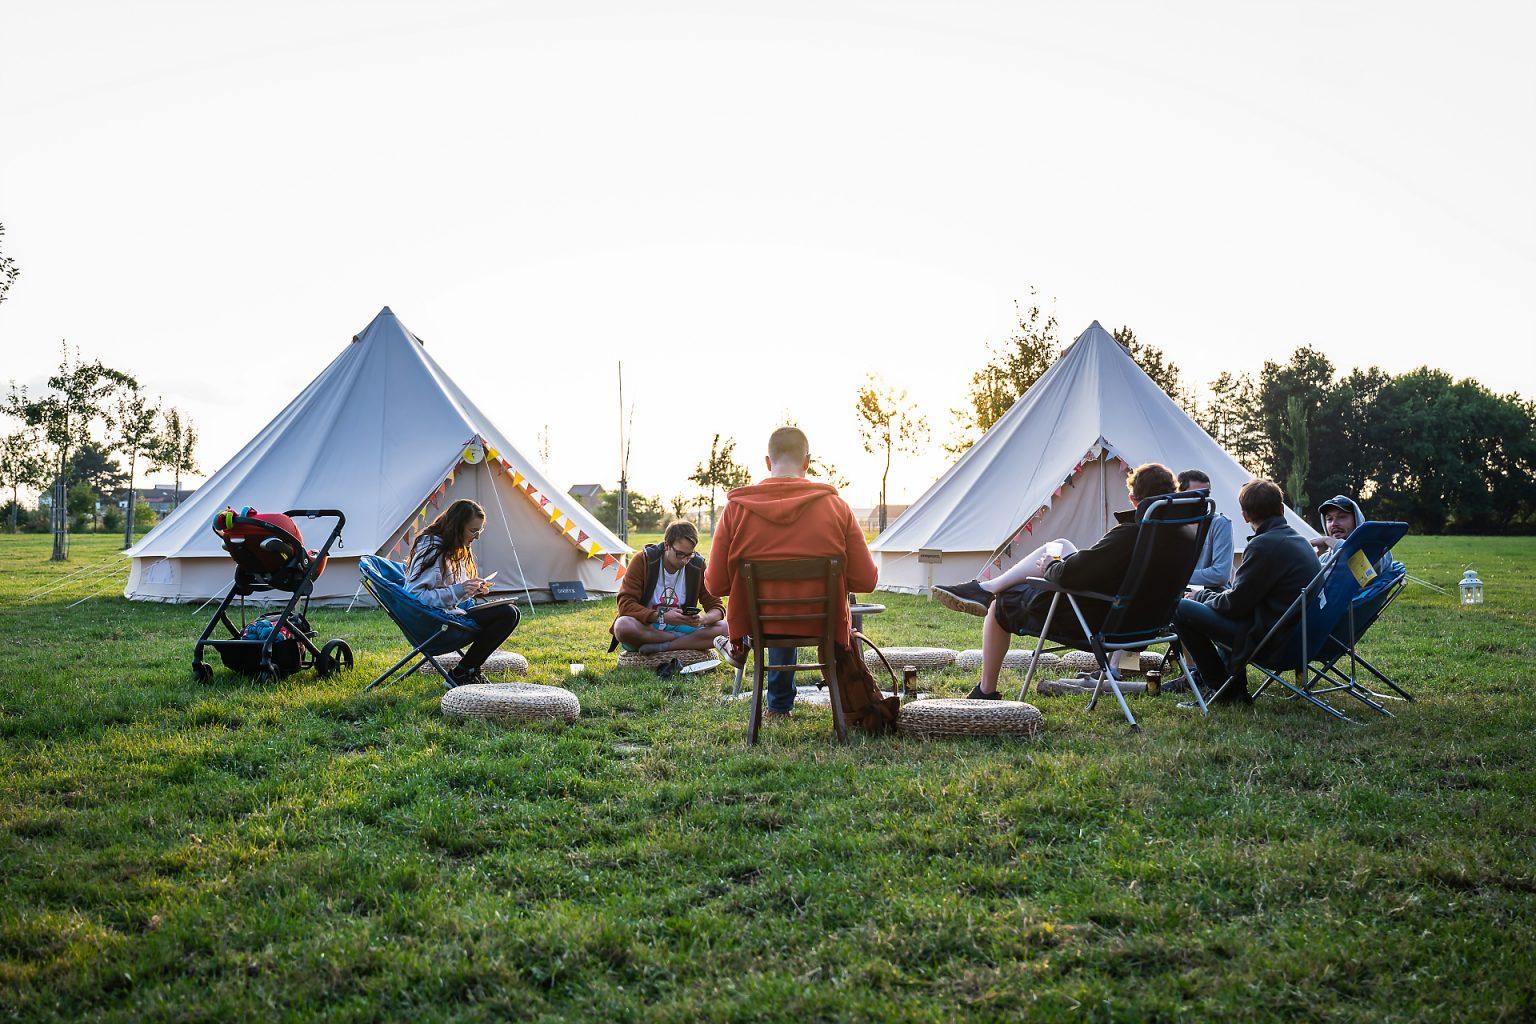 Vue sur les tipis des équipes au Domaine de Graux, Hack in the Woods 2019 par Aurore Delsoir photographe corporate